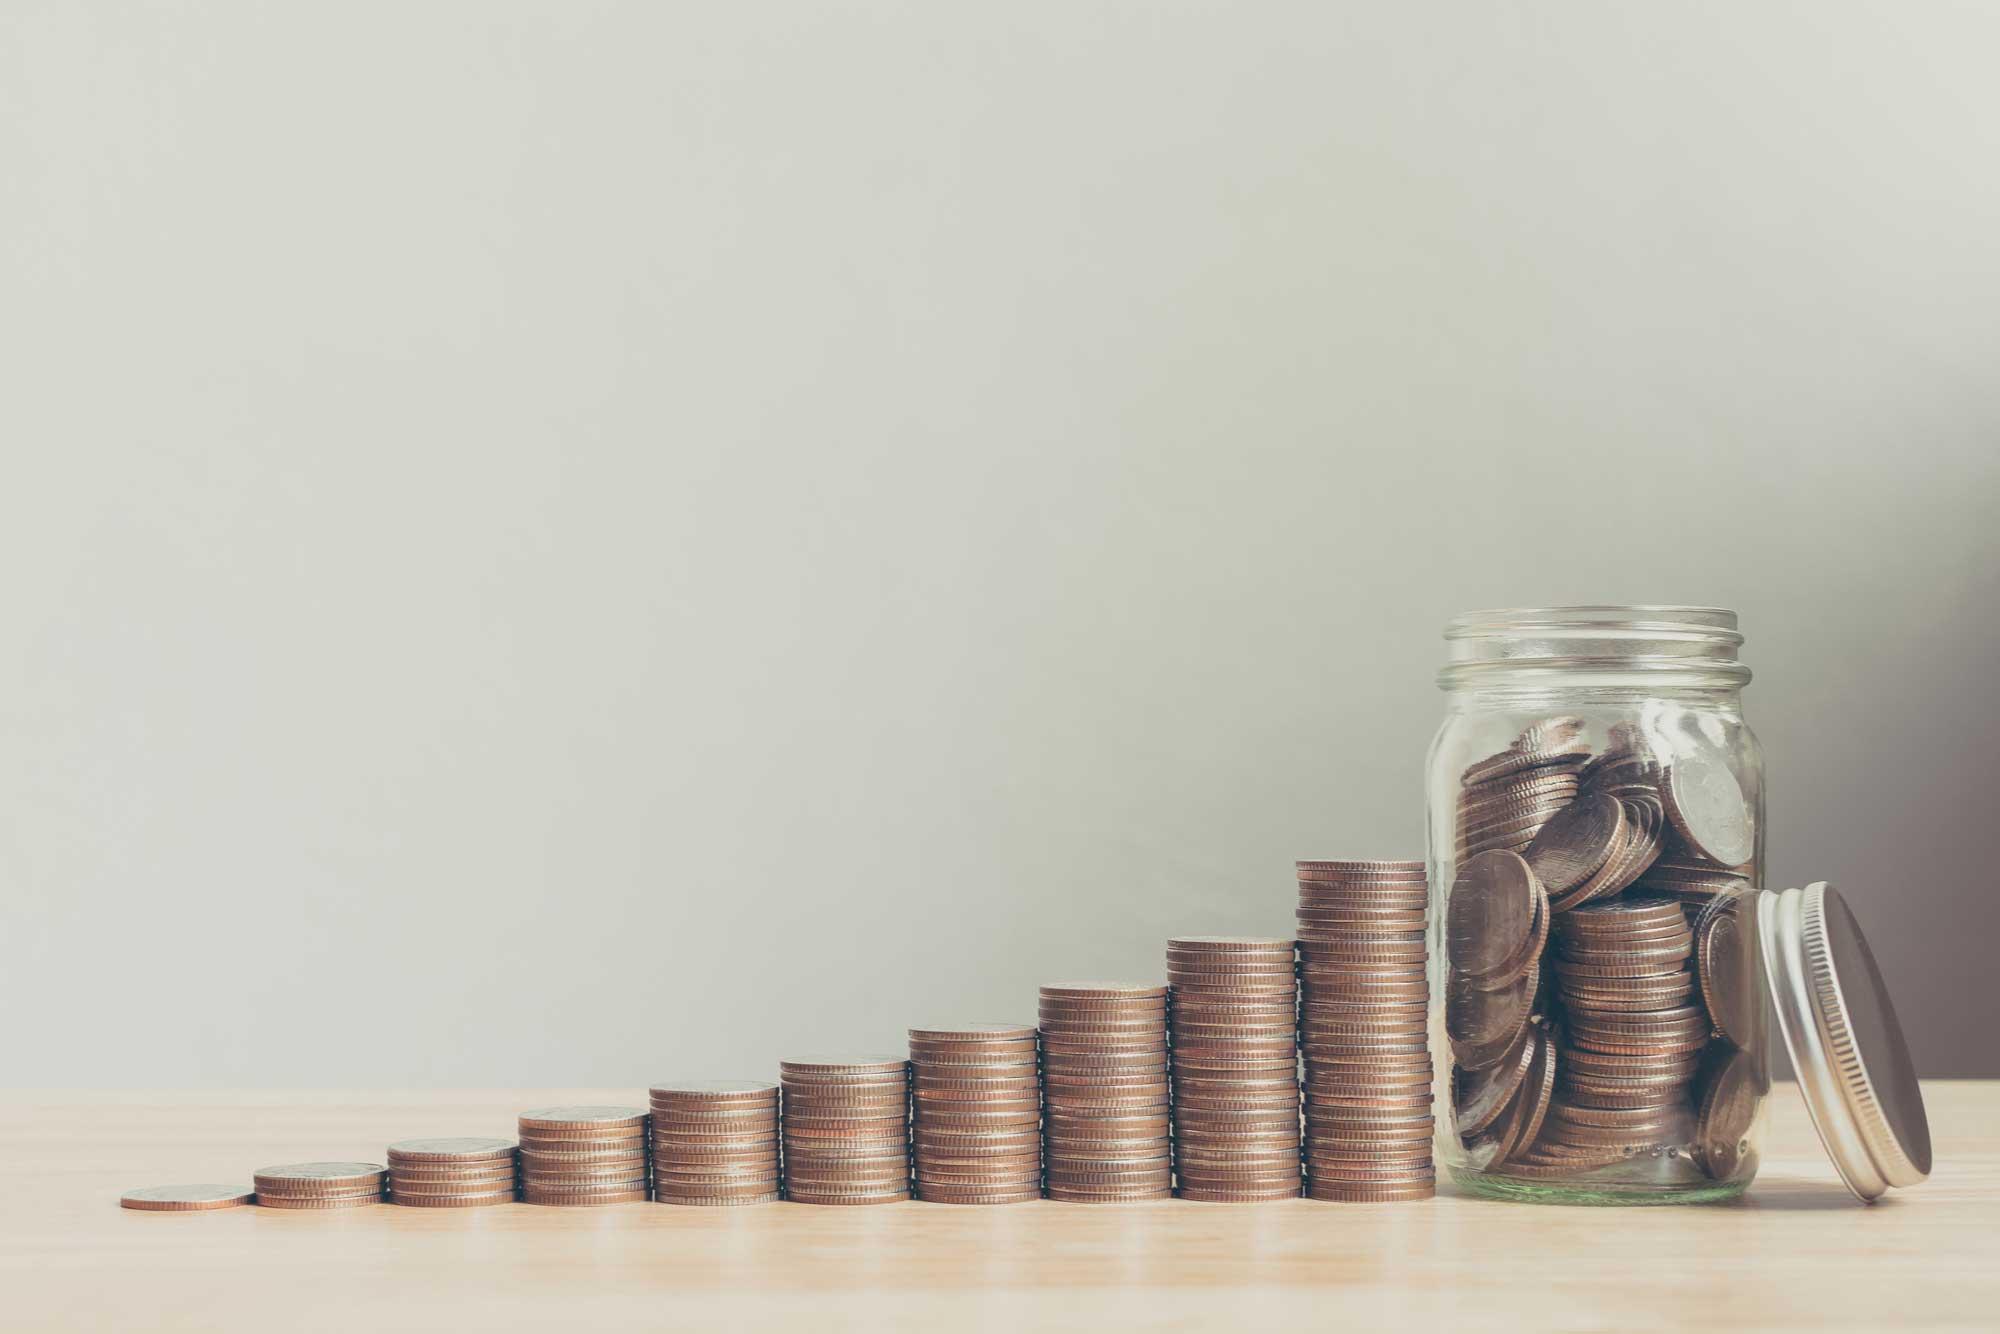 Opinión: Retiro del 10% de fondos previsionales: Ejerciendo el derecho de los trabajadores a su ahorro previsional